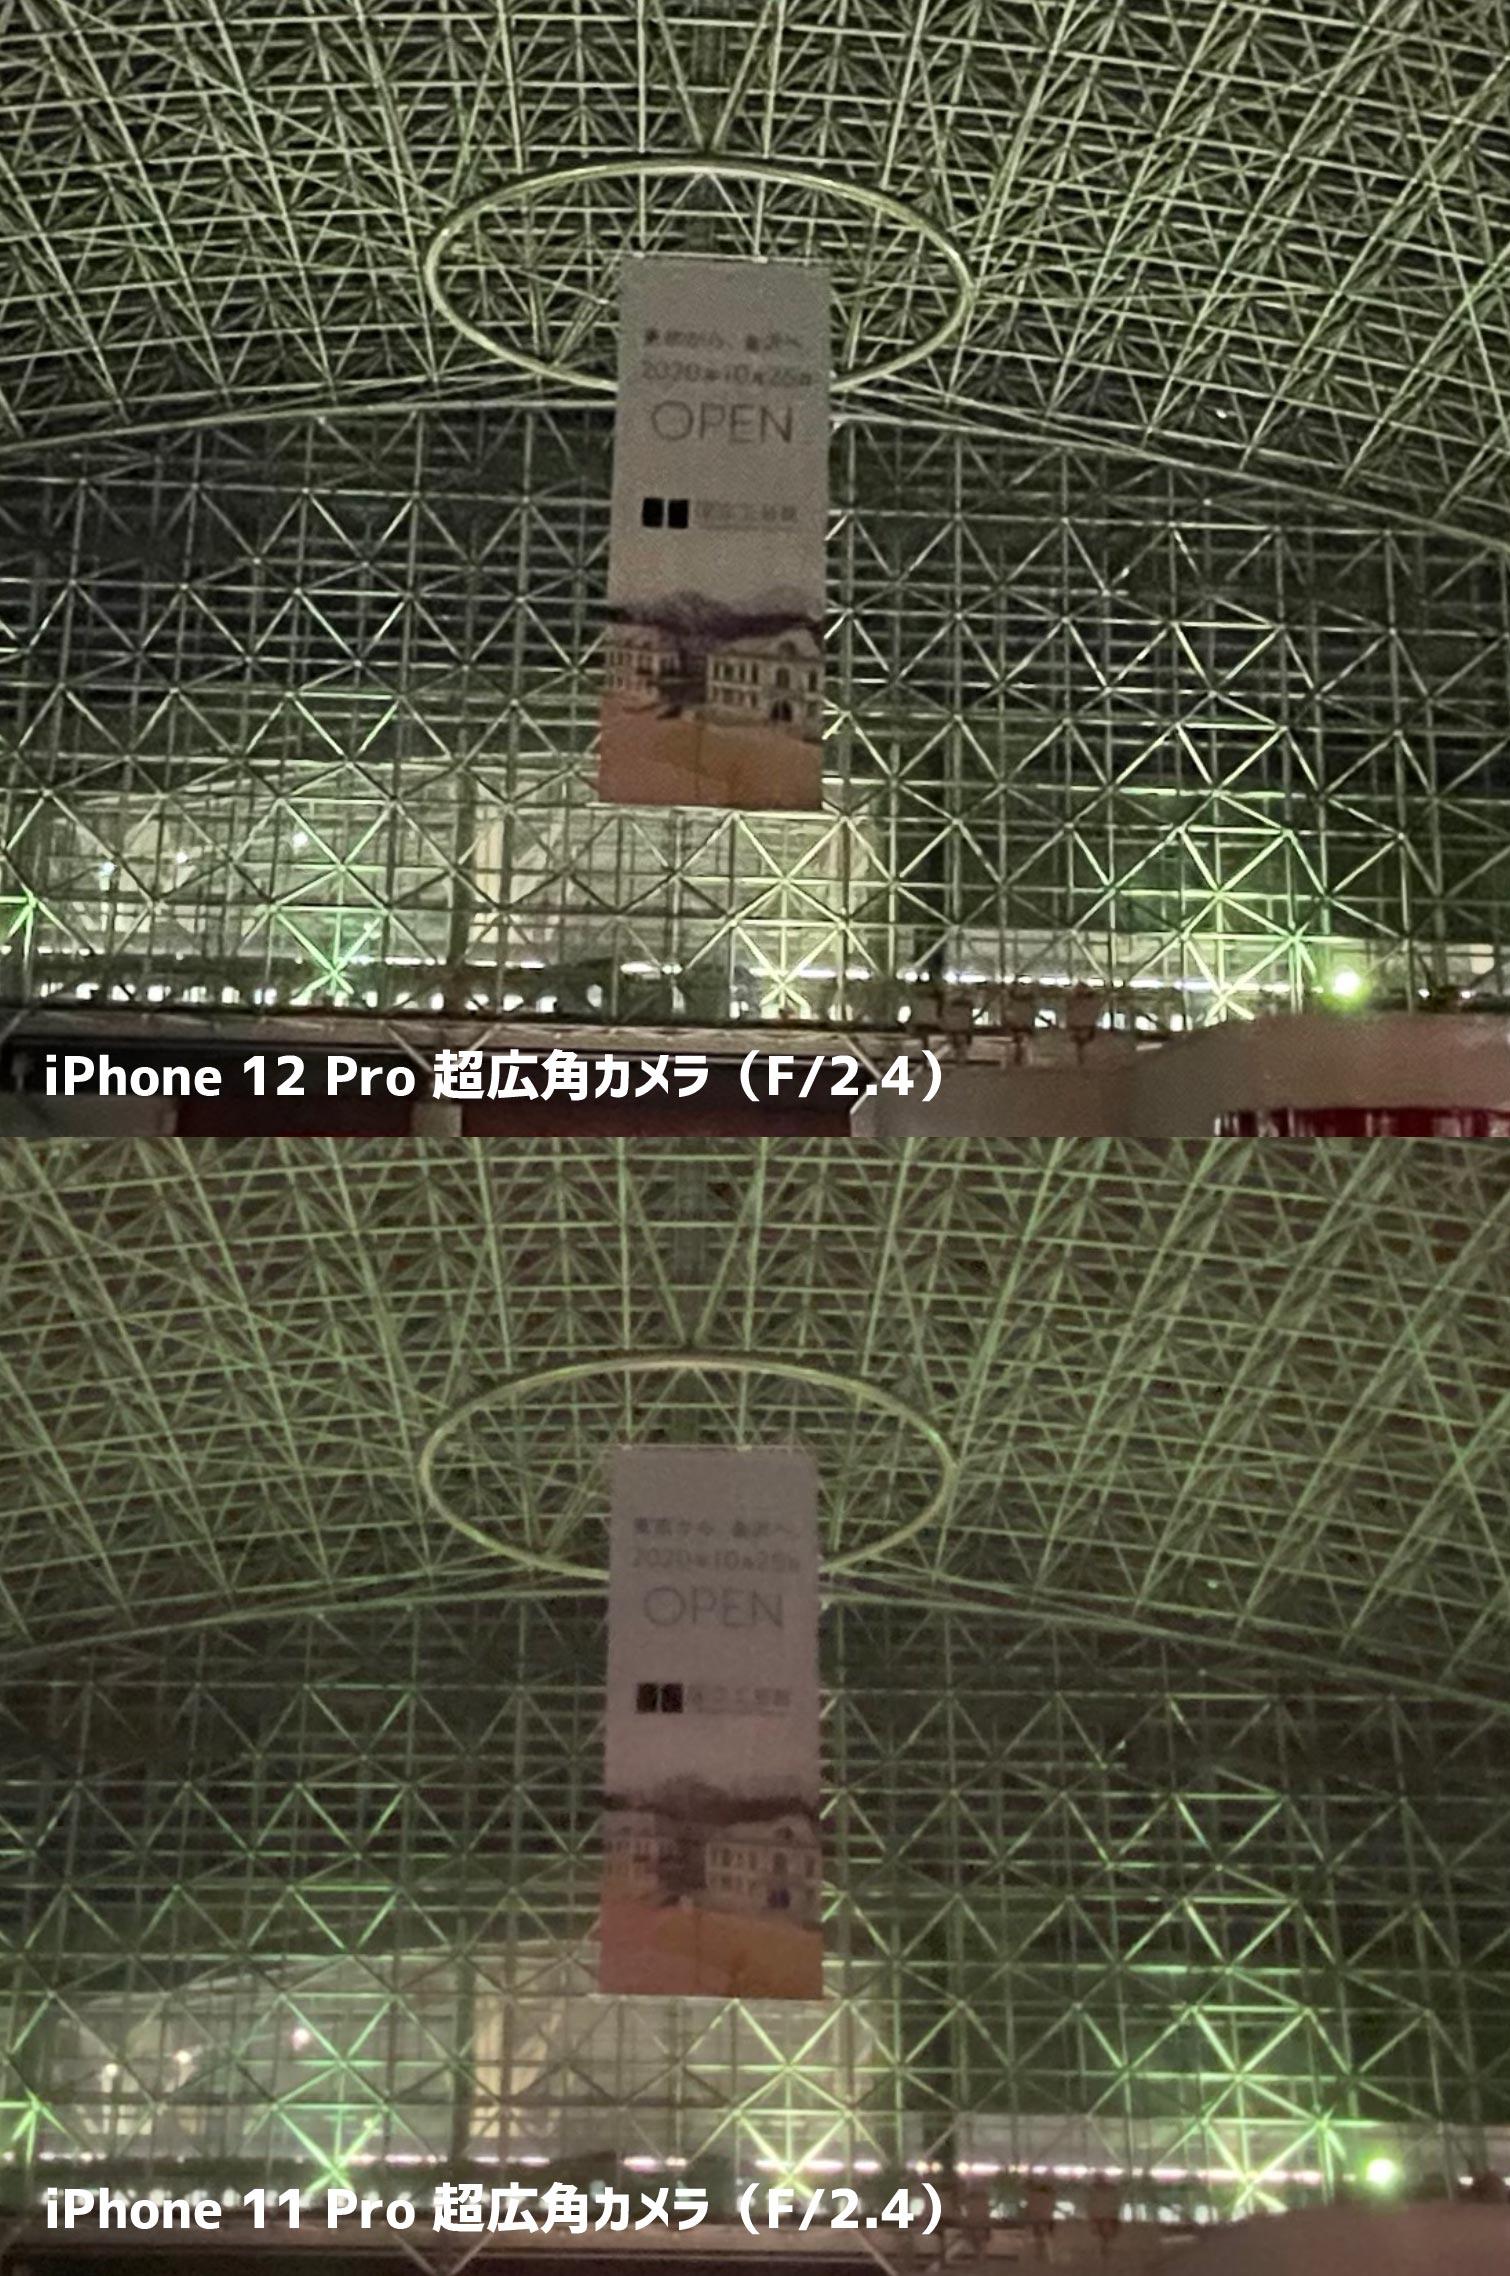 画質 上げる iphone 動画